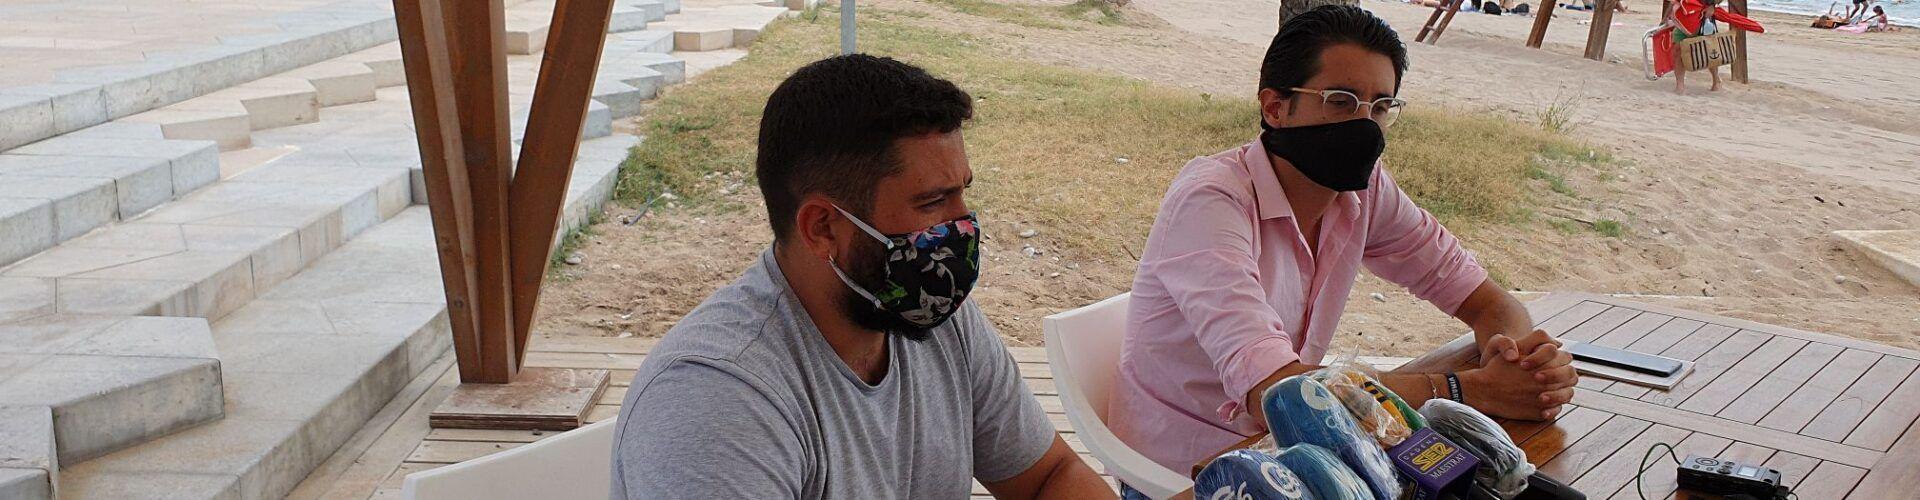 Vídeo: regidors Marc Albella i Hugo Romero, Vinaròs, actualitat sobre platges